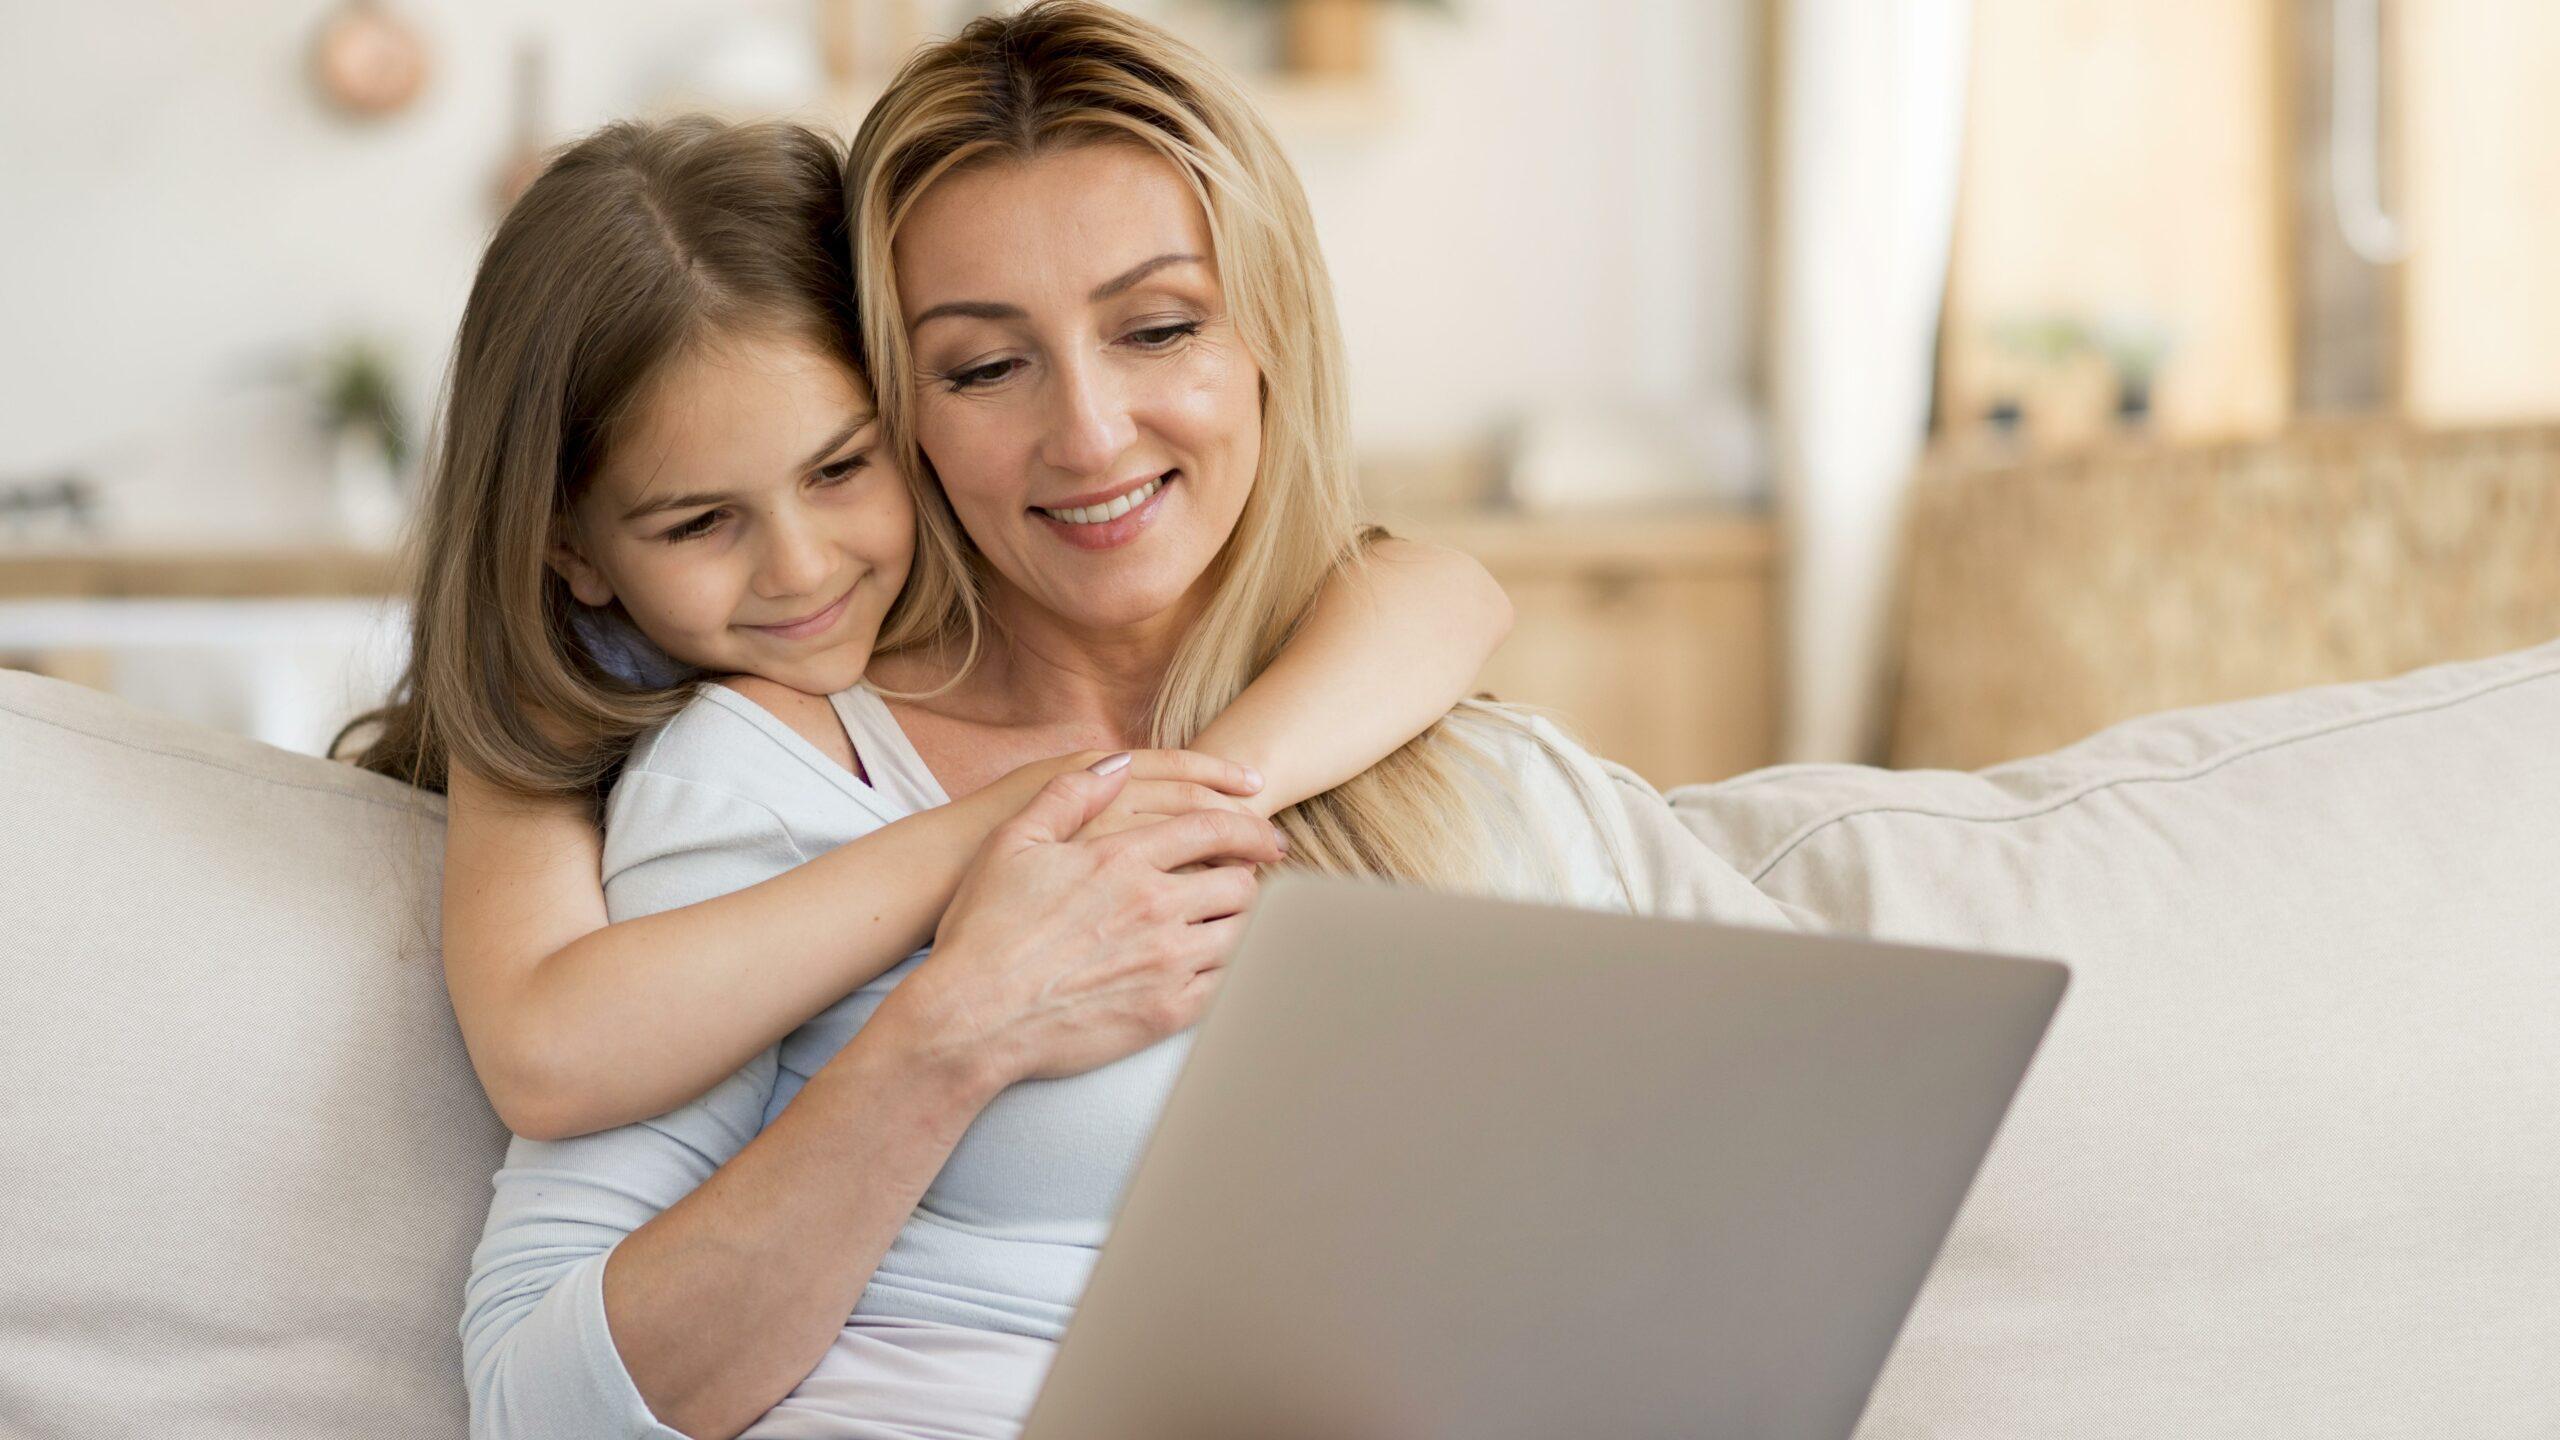 Mulher usando notebook enquanto filha a abraça. Dependentes do MEI